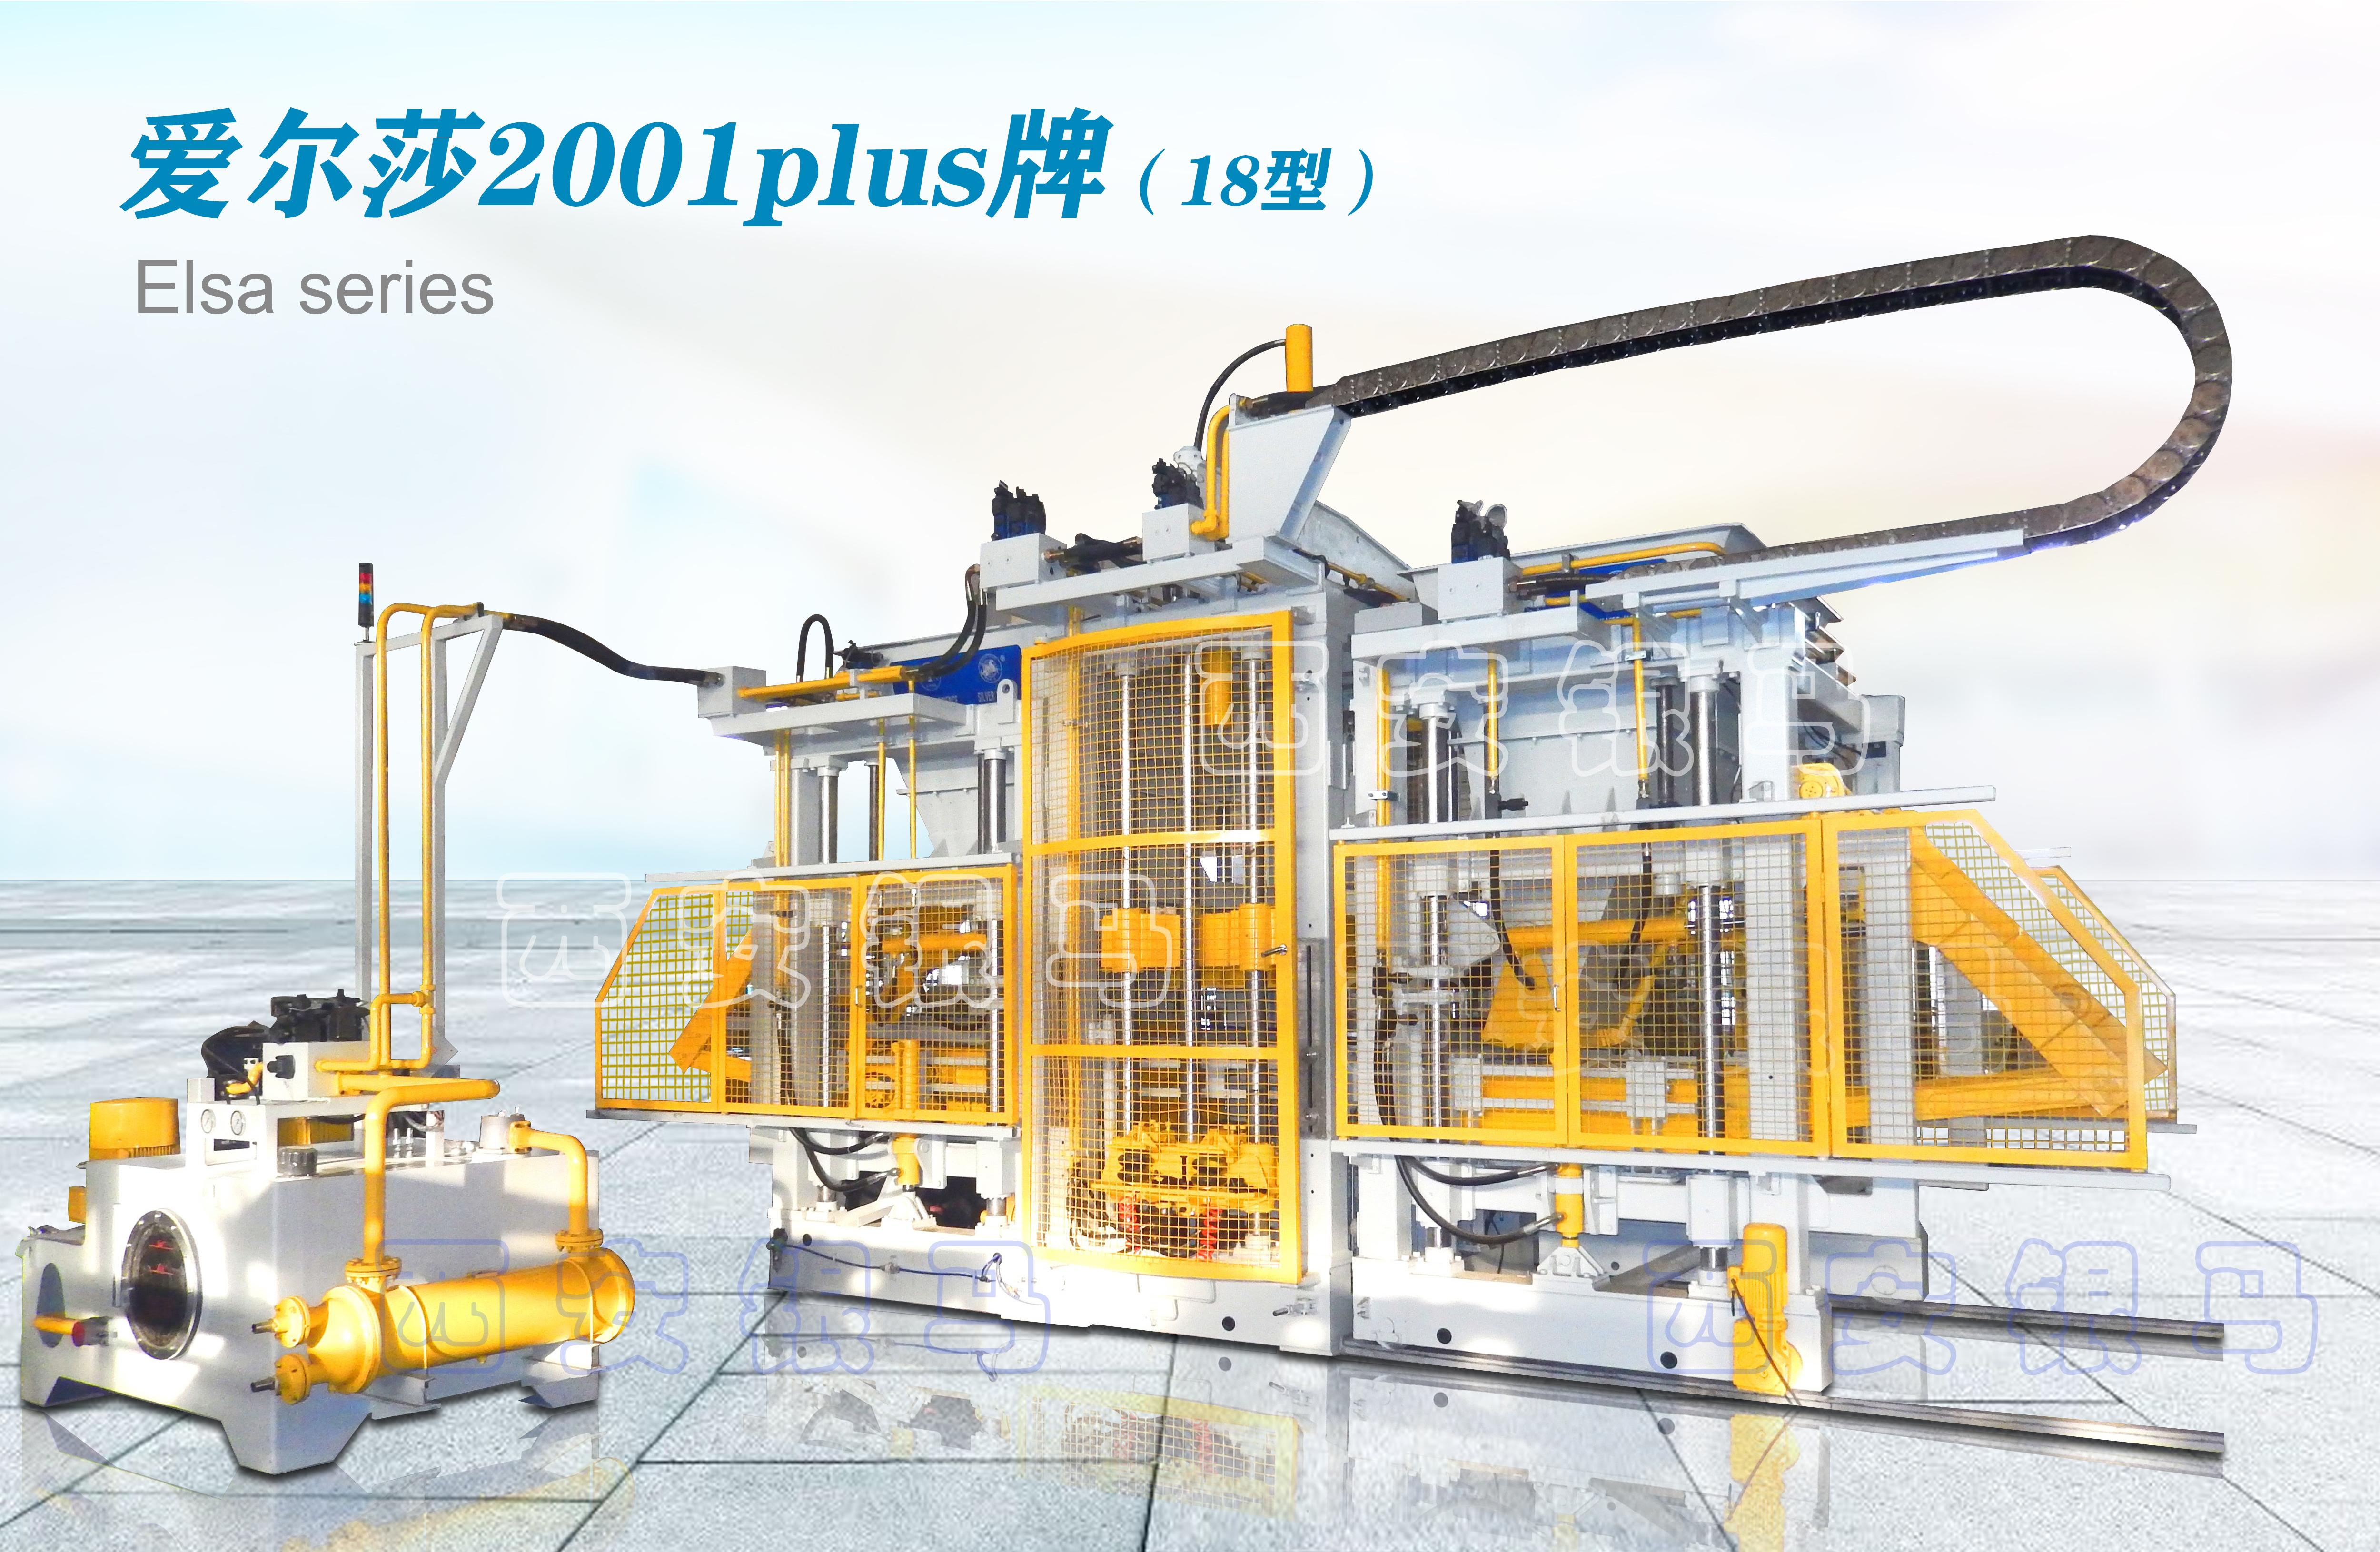 矿渣制砖机械:大型砌块成型机砖型全兼容